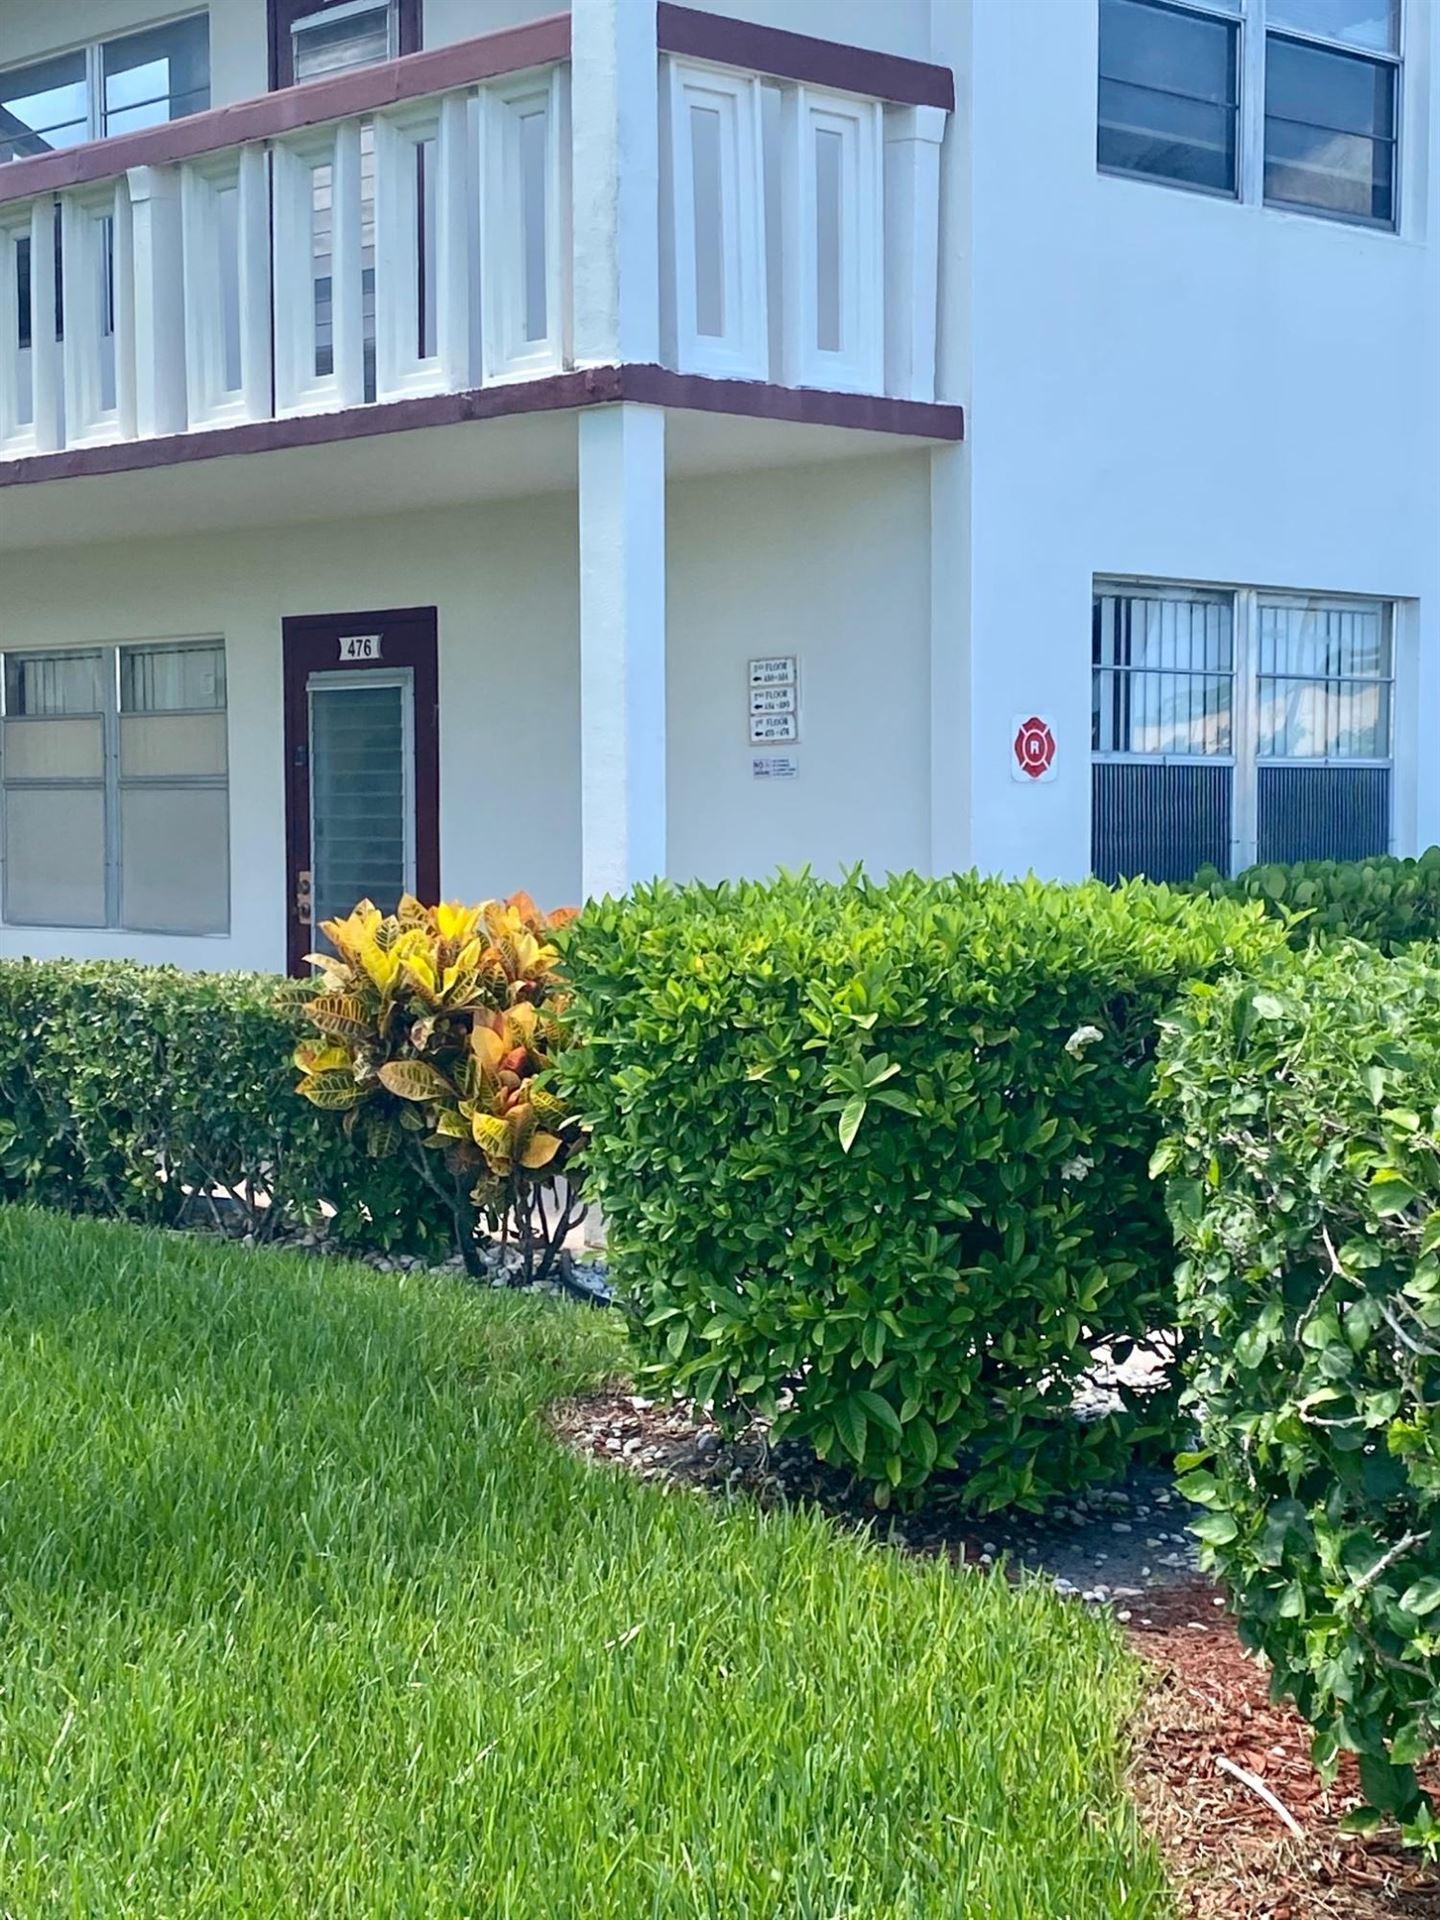 476 Fanshaw L, Boca Raton, FL 33434 - #: RX-10736727